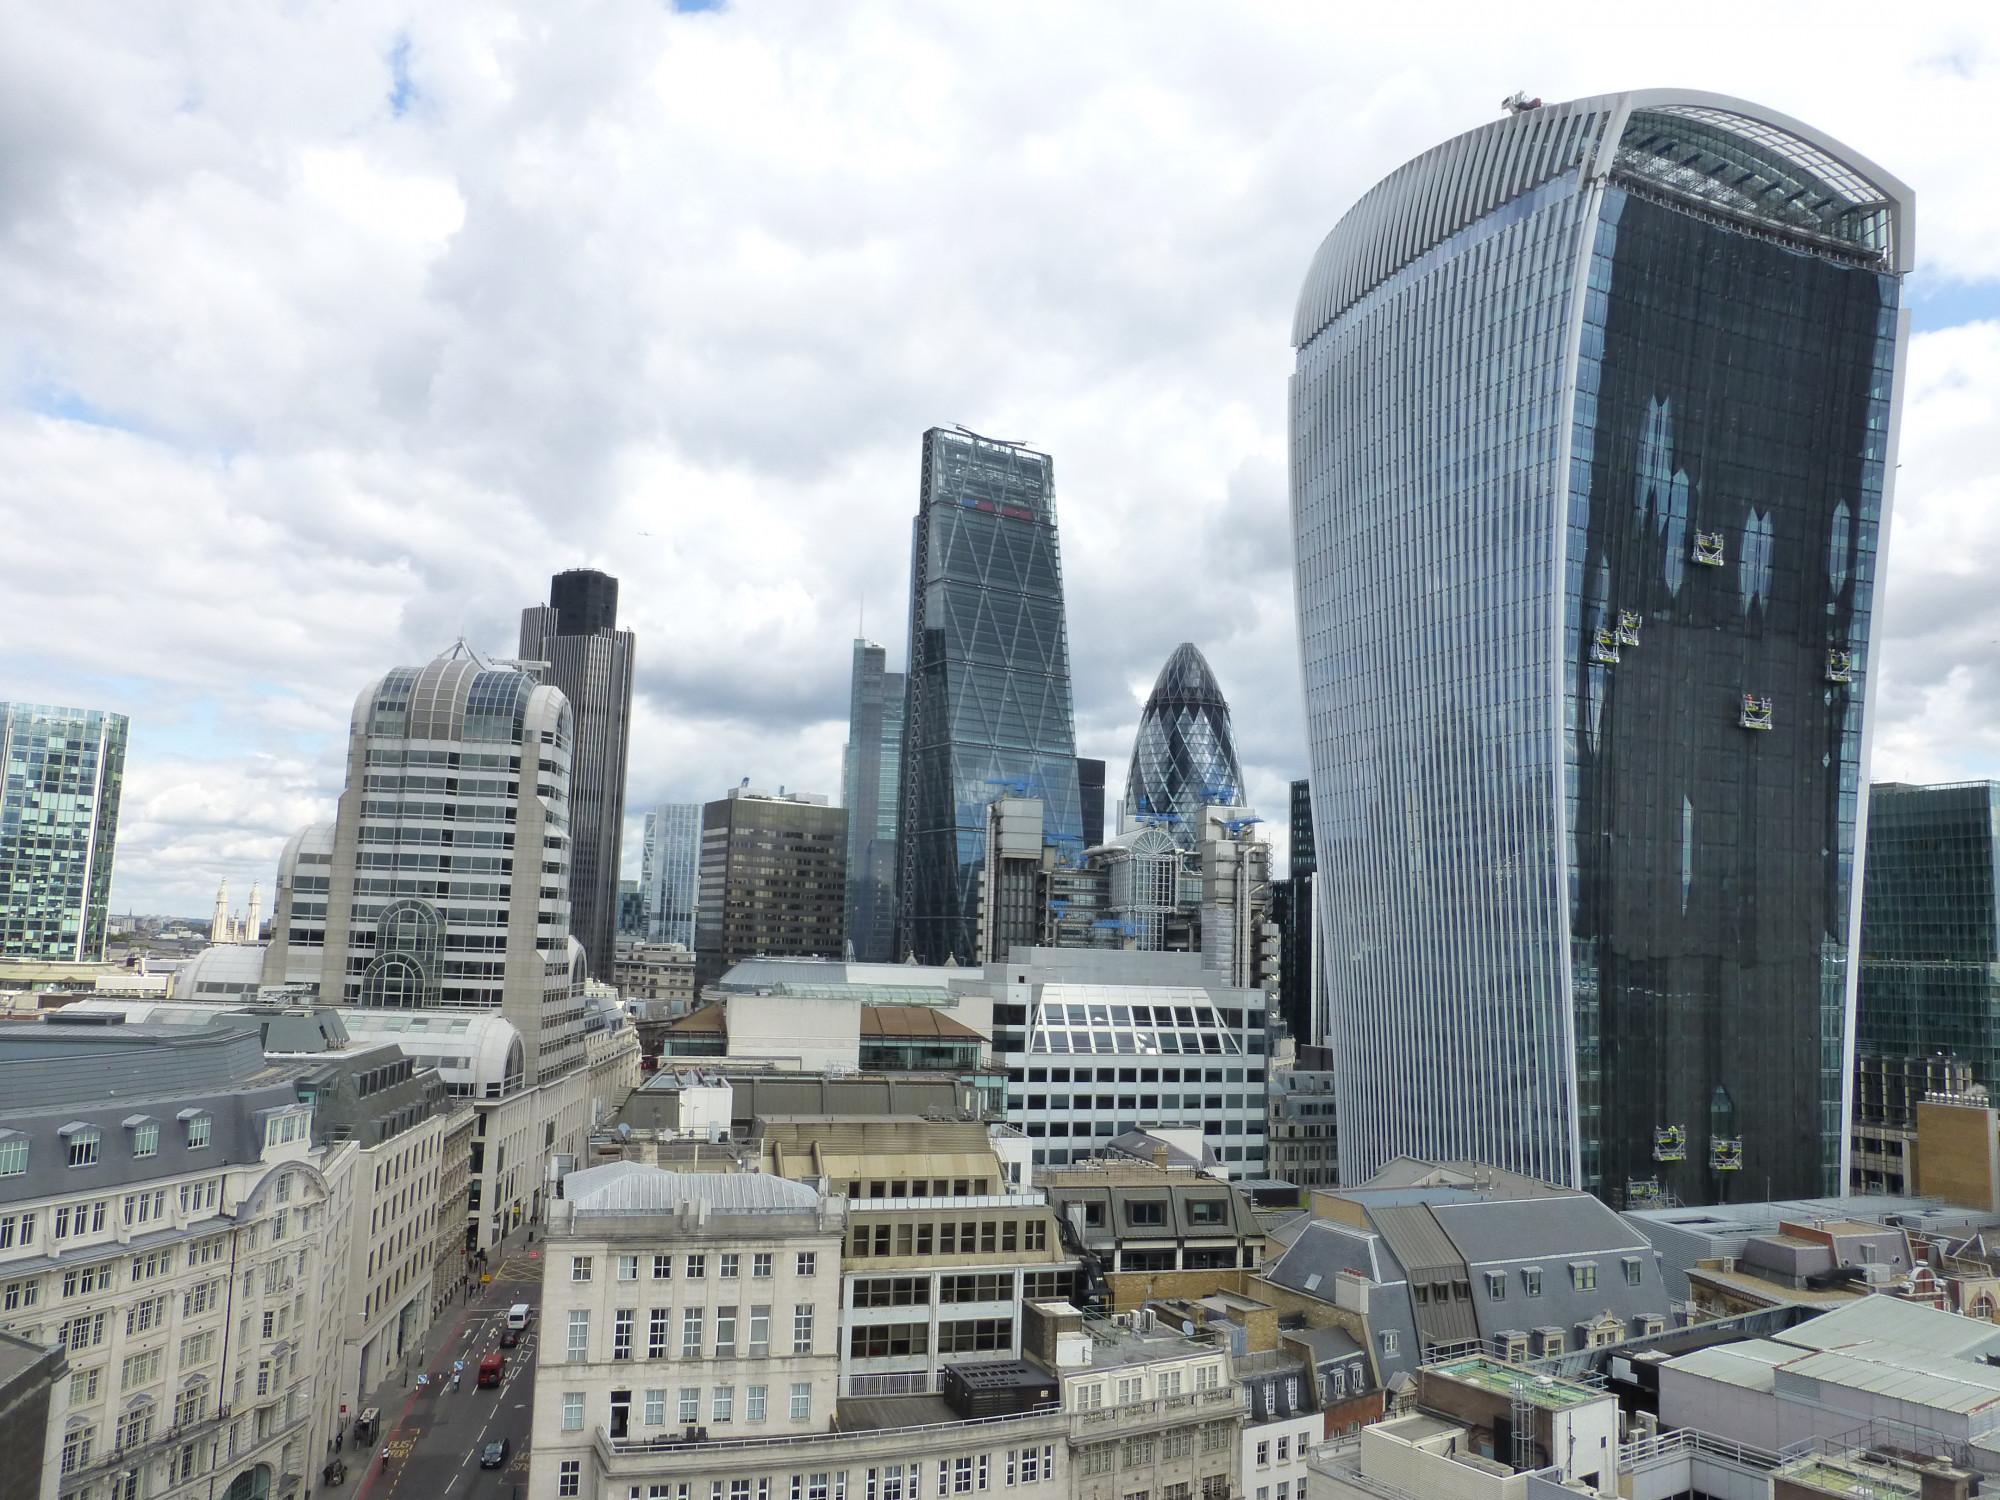 f5a55e0b7213 Este edificio es un peligro  rascacielos que achicharran coches y otros  despropósitos inmobiliarios — idealista news